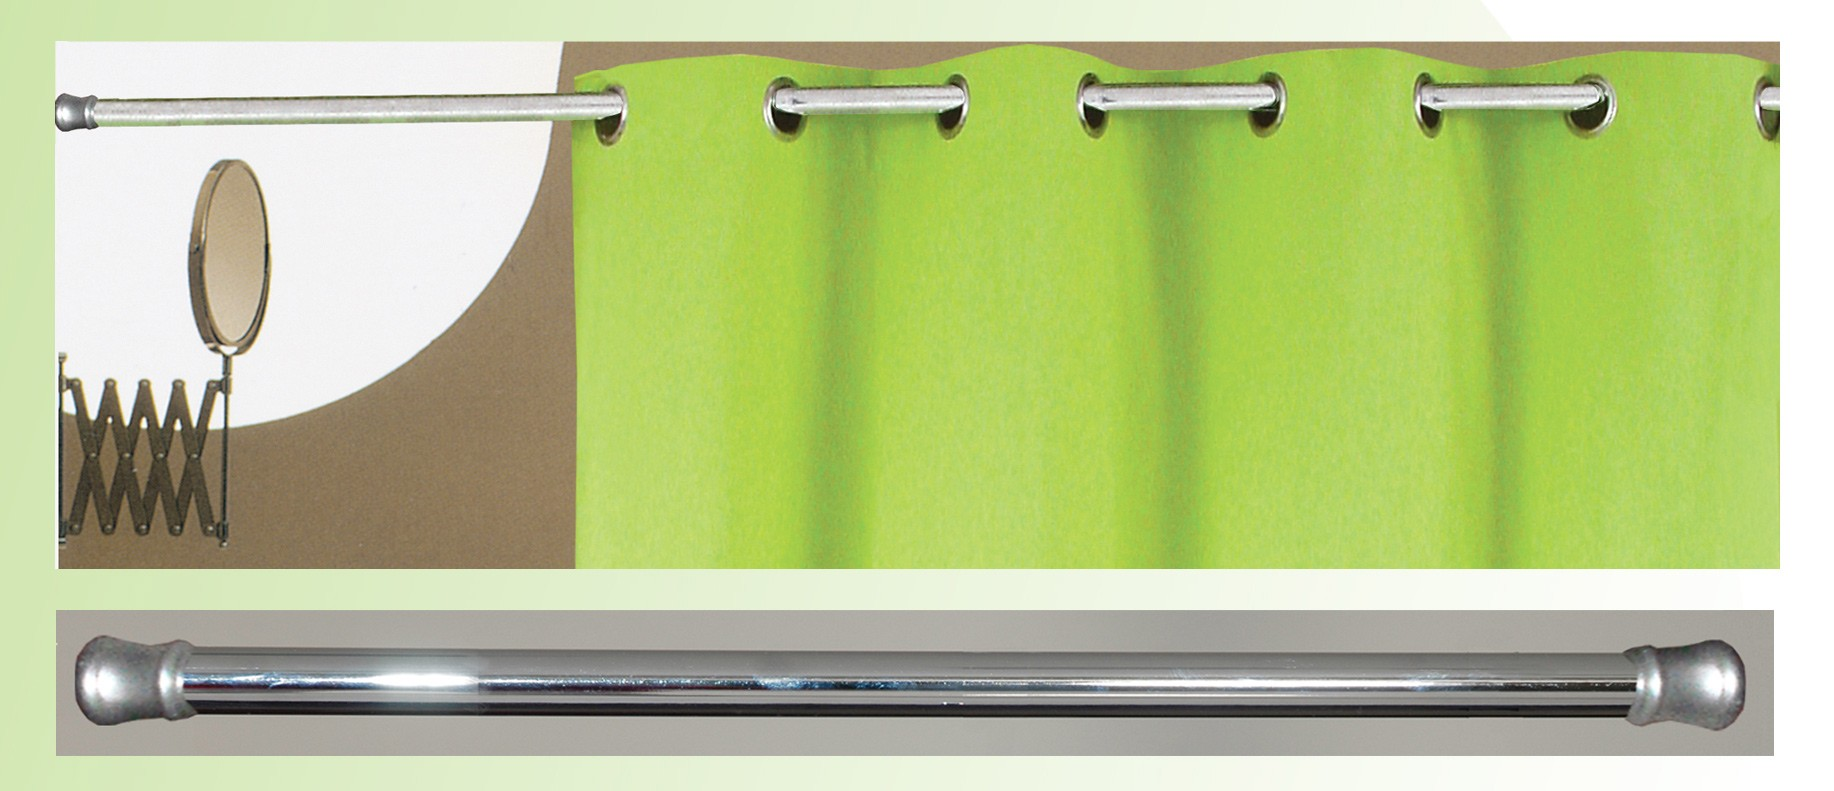 Βραχίονας Μπάνιου Πτυσσόμενος 110-200cm San Lorentzo Chrome